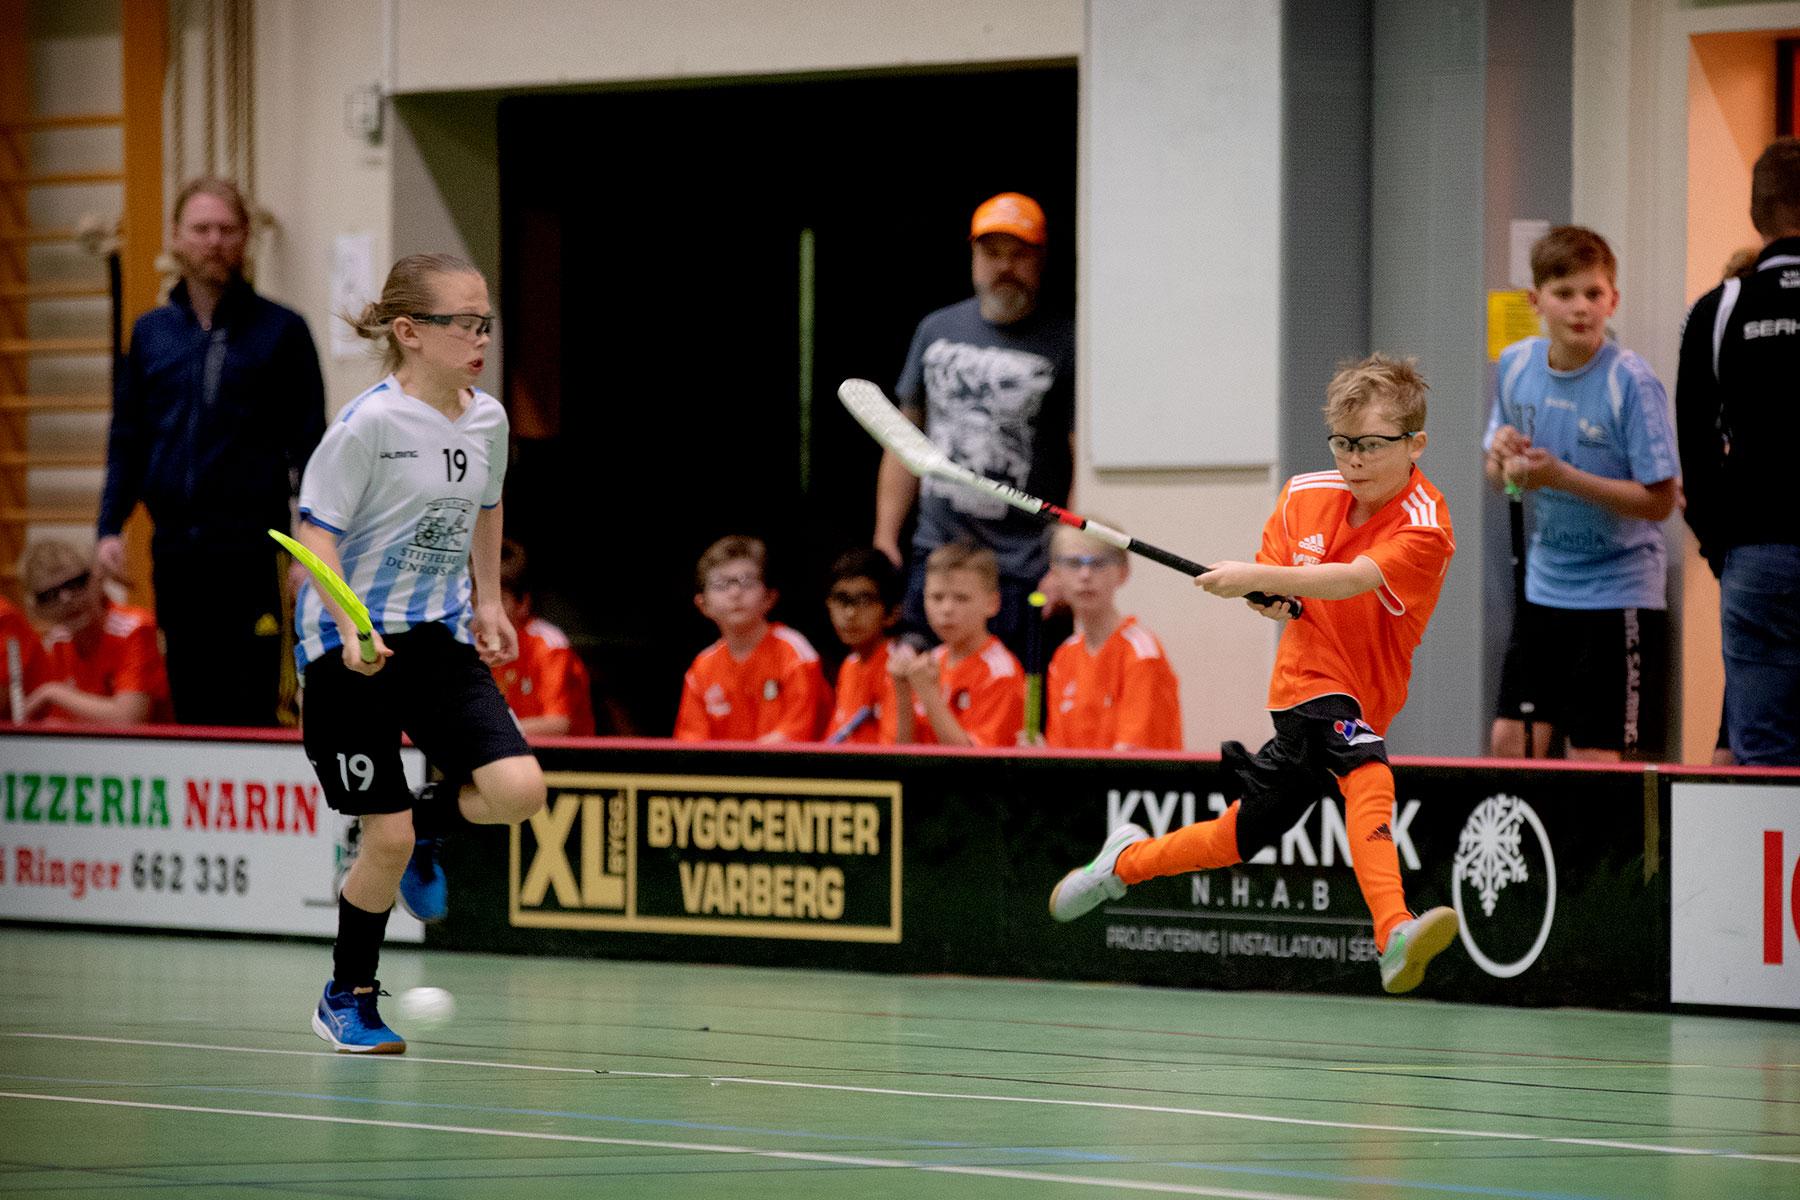 blogg-190407varbergsspelen5.jpg